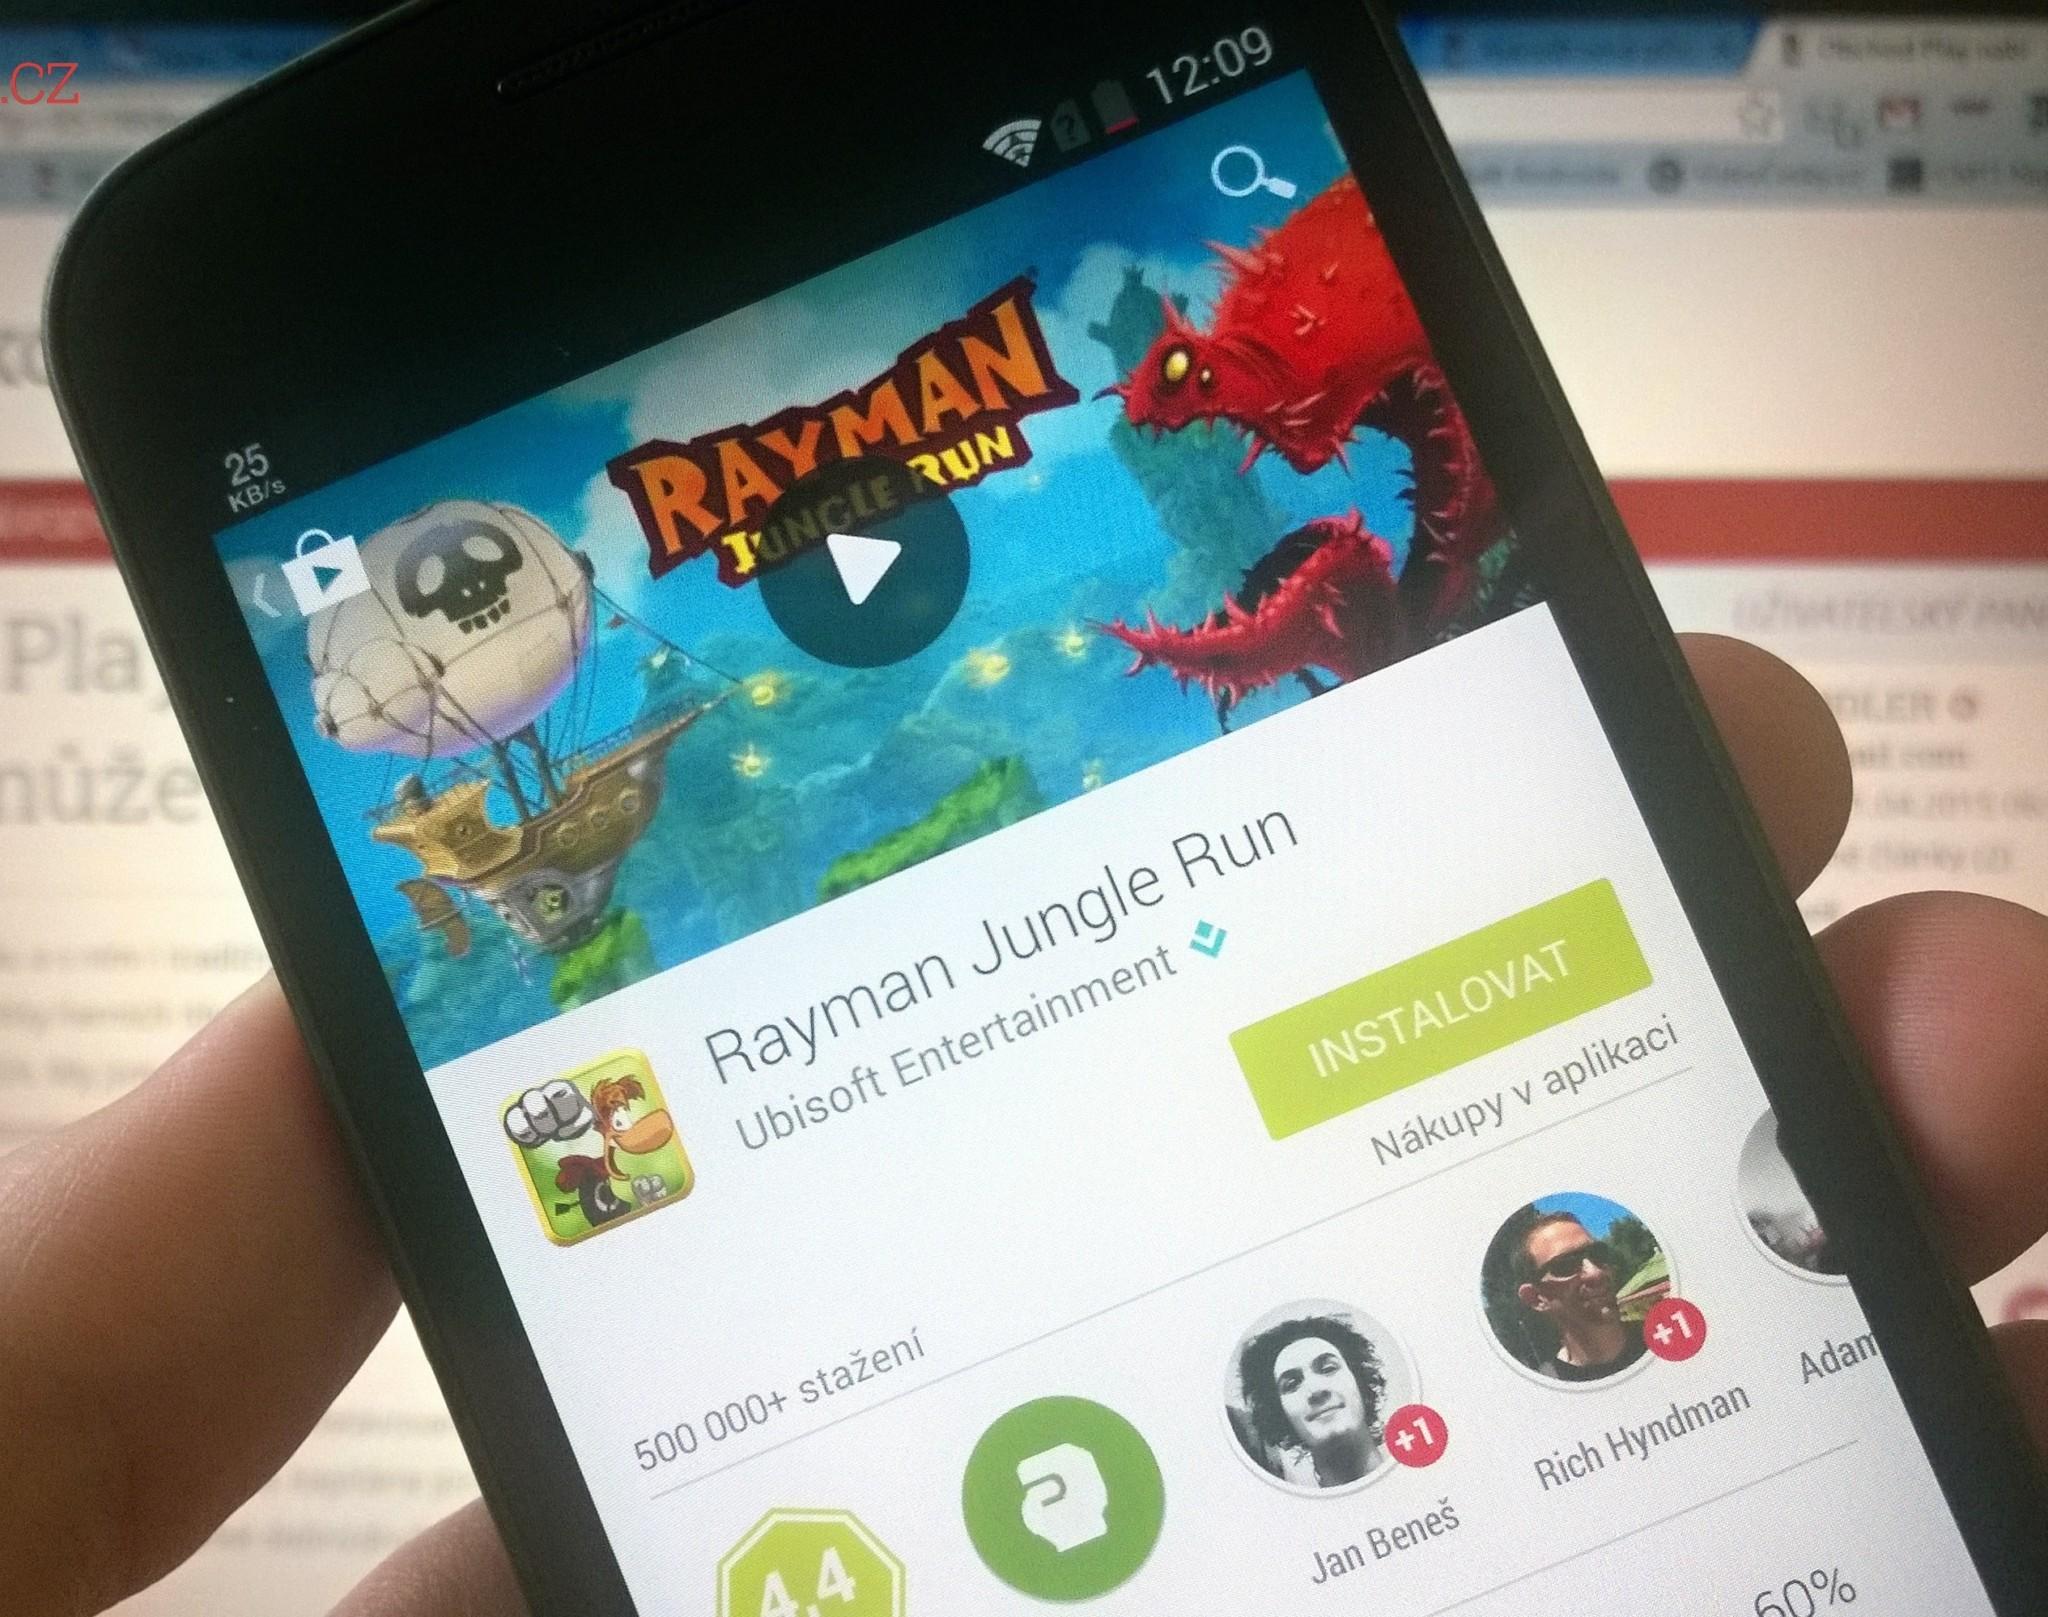 Obchod Play nabízí desítky her ve slevě, ušetřit můžete až 80 %